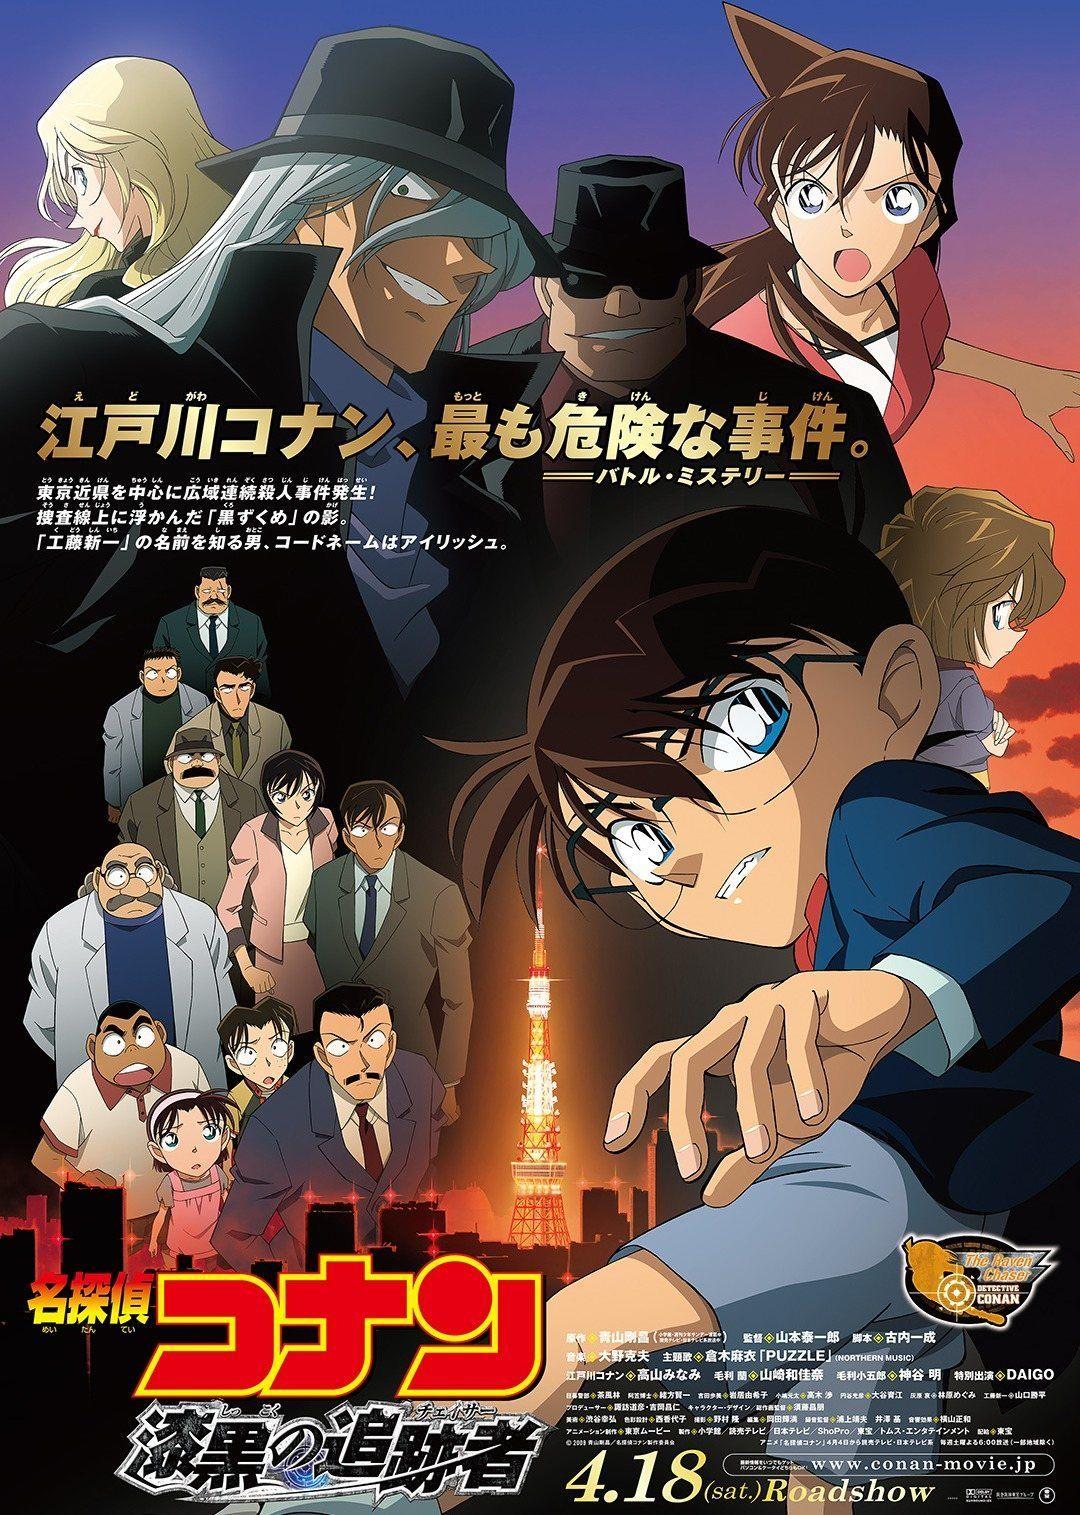 名侦探柯南剧场版 漆黑的追踪者 日语版海报剧照